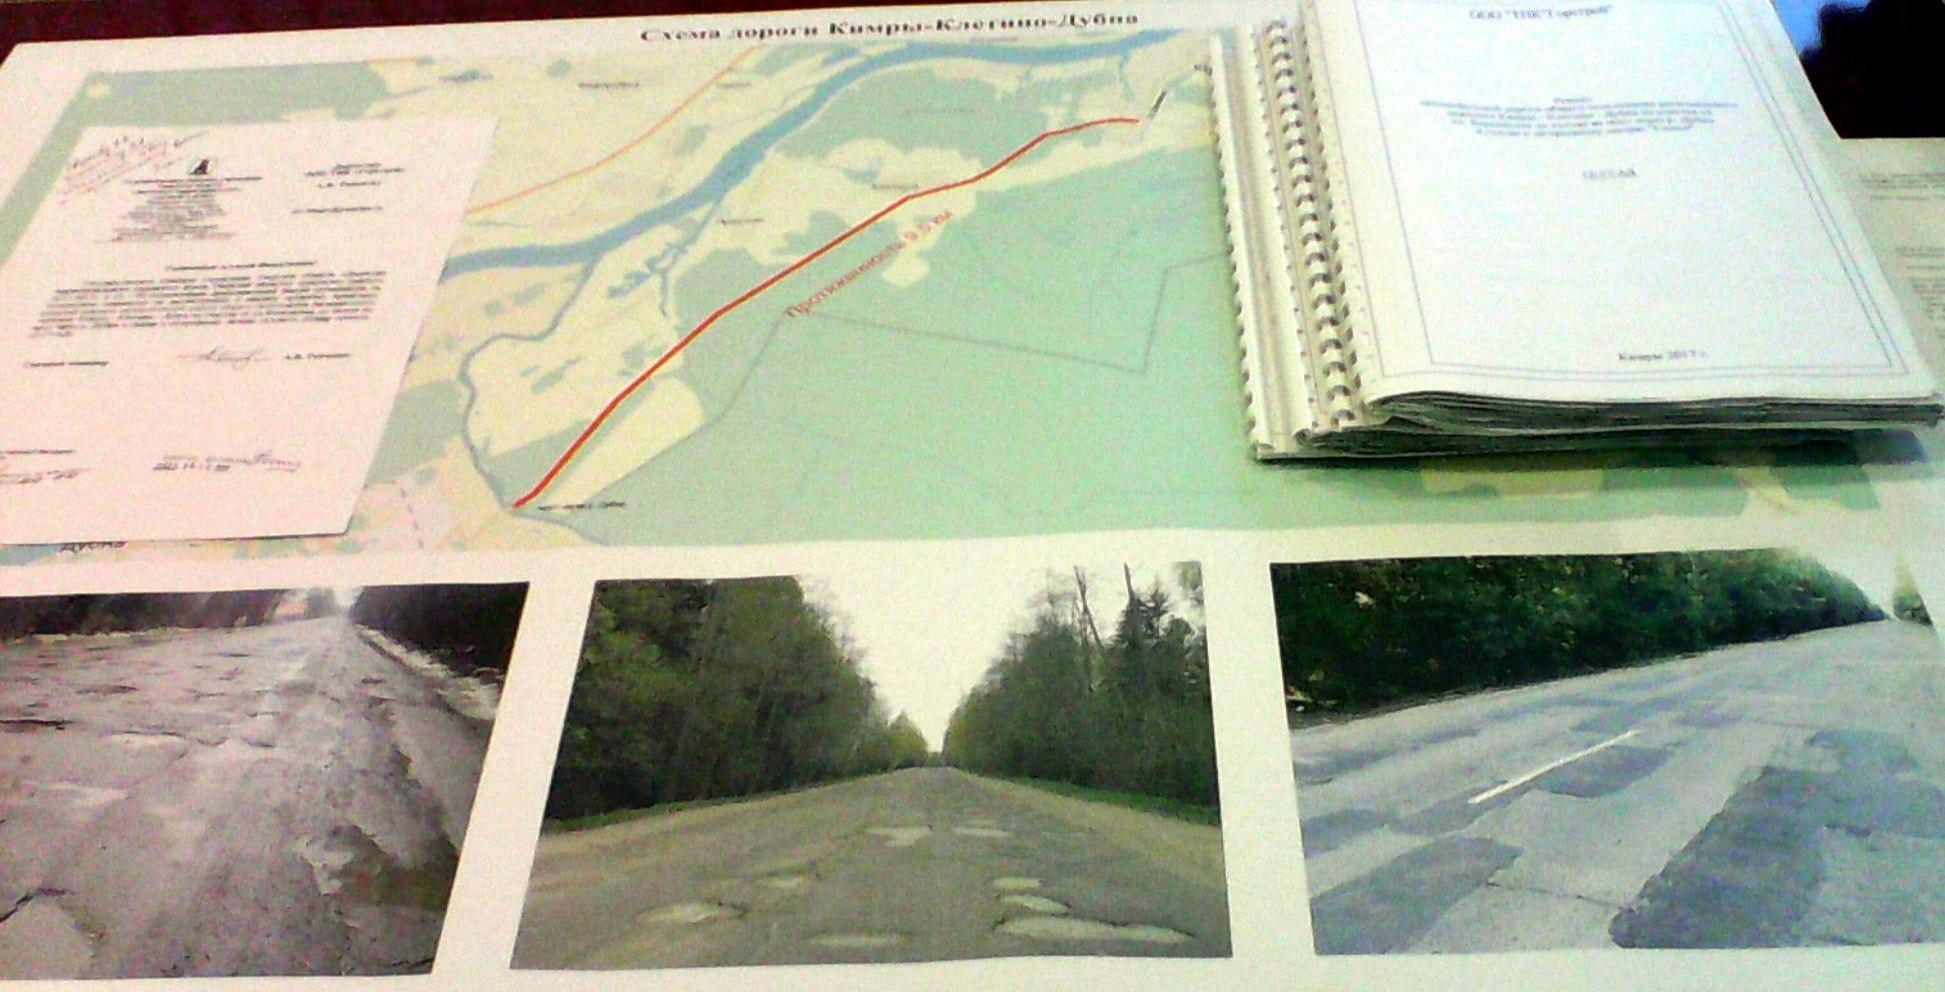 На сайте госзакупок появилось извещение о приеме заявок на ремонт трассы «Кимры–Клетино–Дубна»